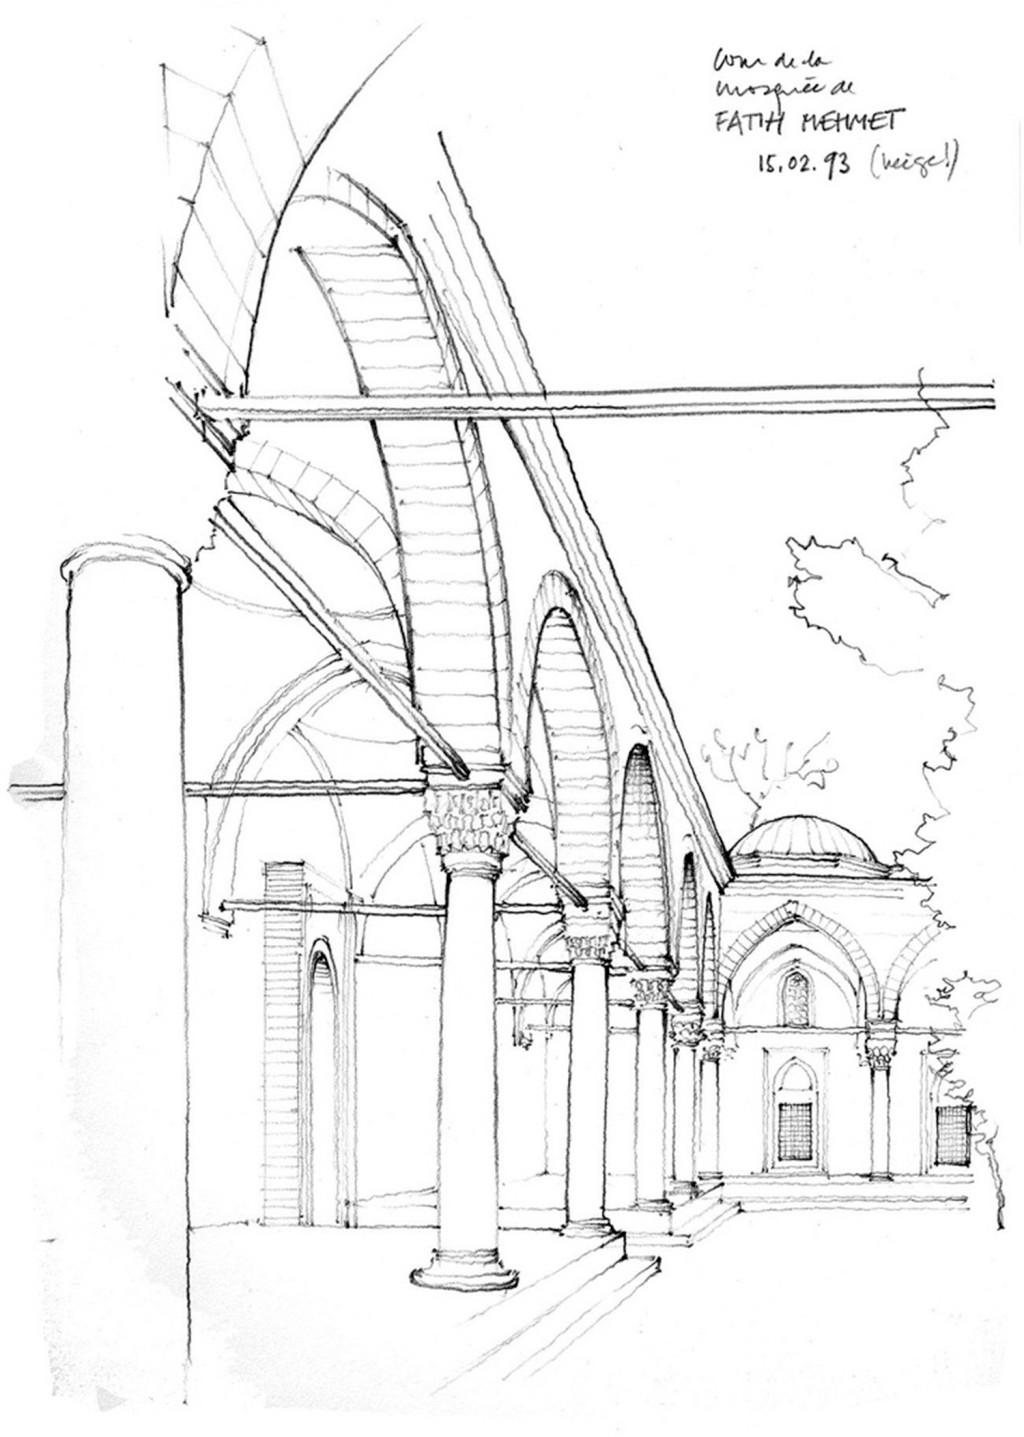 欧式拱门建筑效果图 建筑平面图素材免费下载 手绘图 图纸 城堡